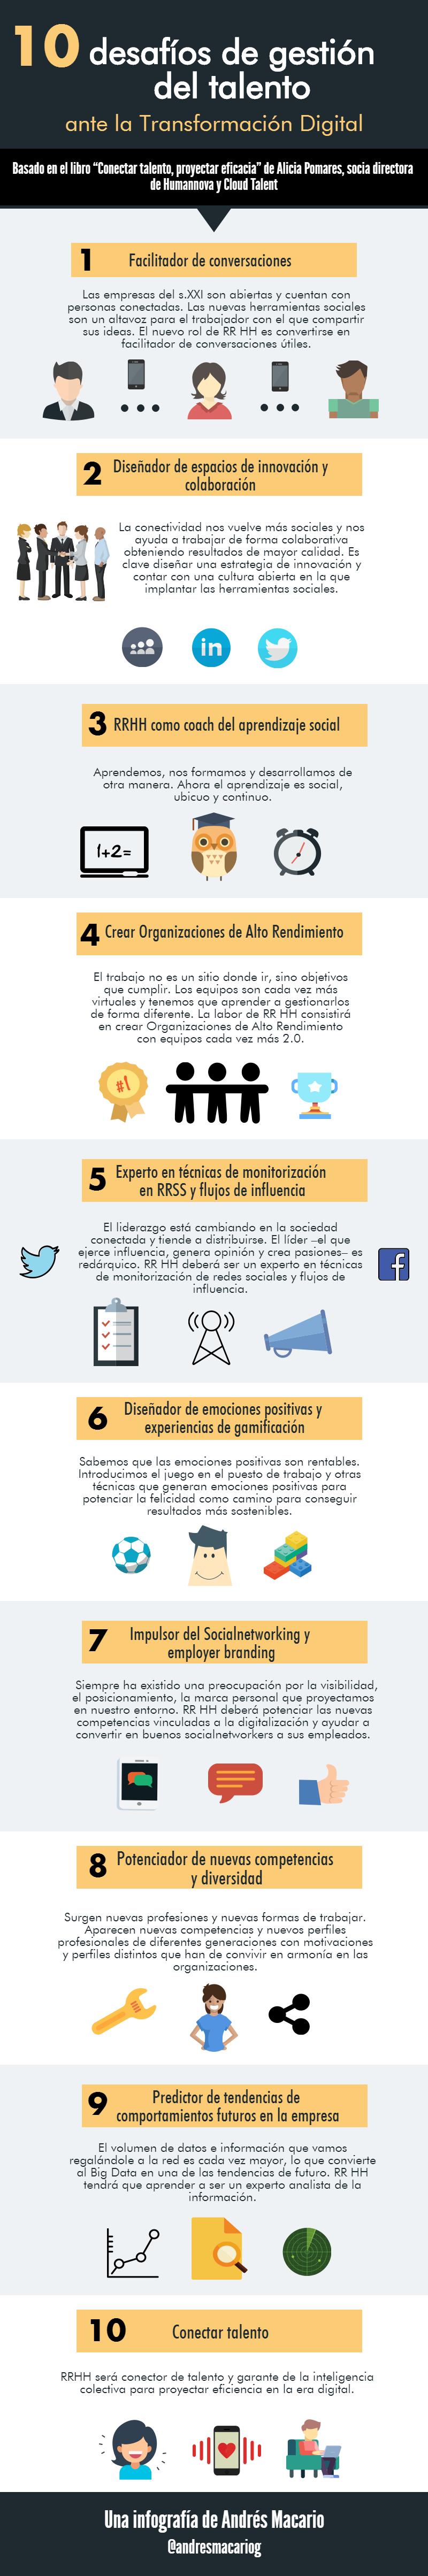 10 desafios de la gestion del talento - Infografia Andres Macario